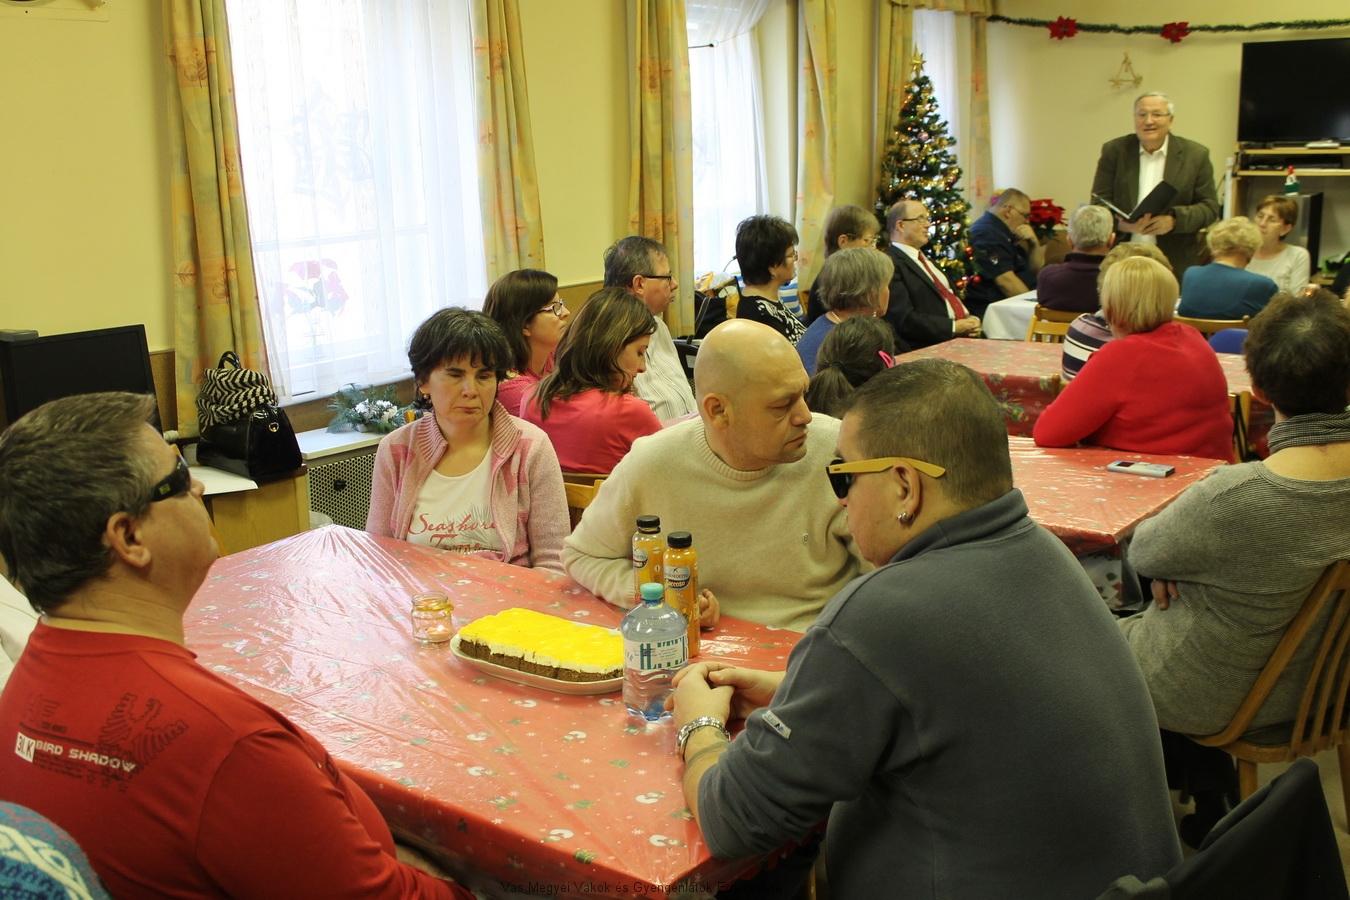 Sokan eljöttek a karácsonyi ünnepségre. Csider Sándor felolvassa költeményeit.